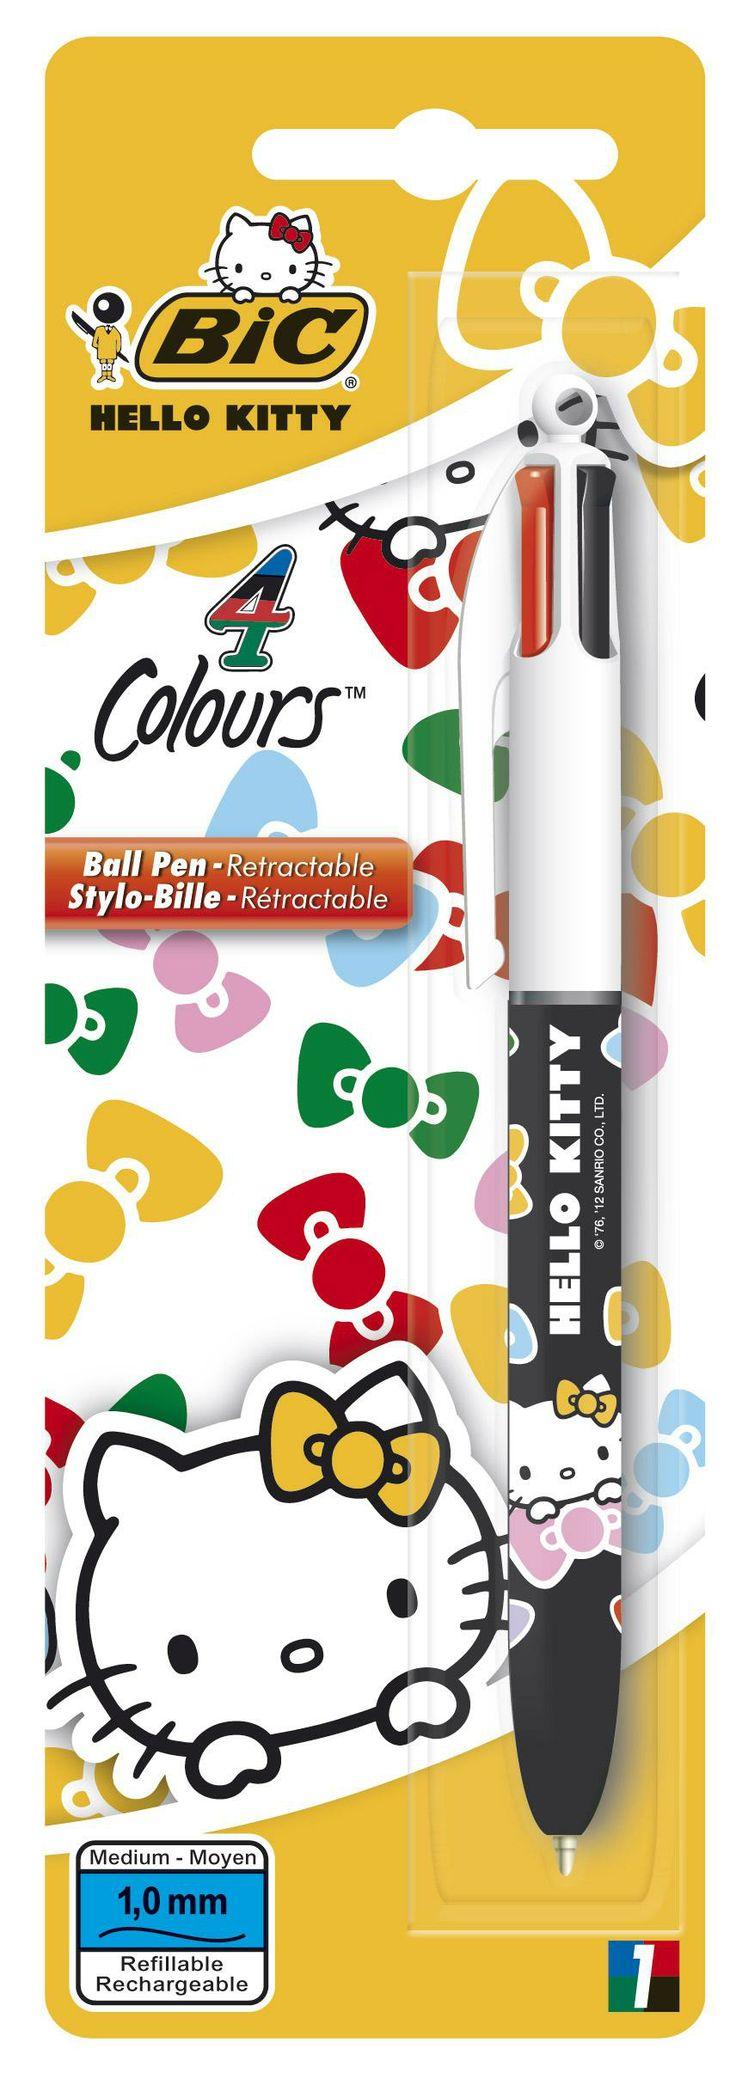 Hello Kitty bolígrafo BIC 4 colores Bic MARCAS PAPELERIA PAPELERIA. Alco Distribuciones, distribuidor mayorista para toda España.